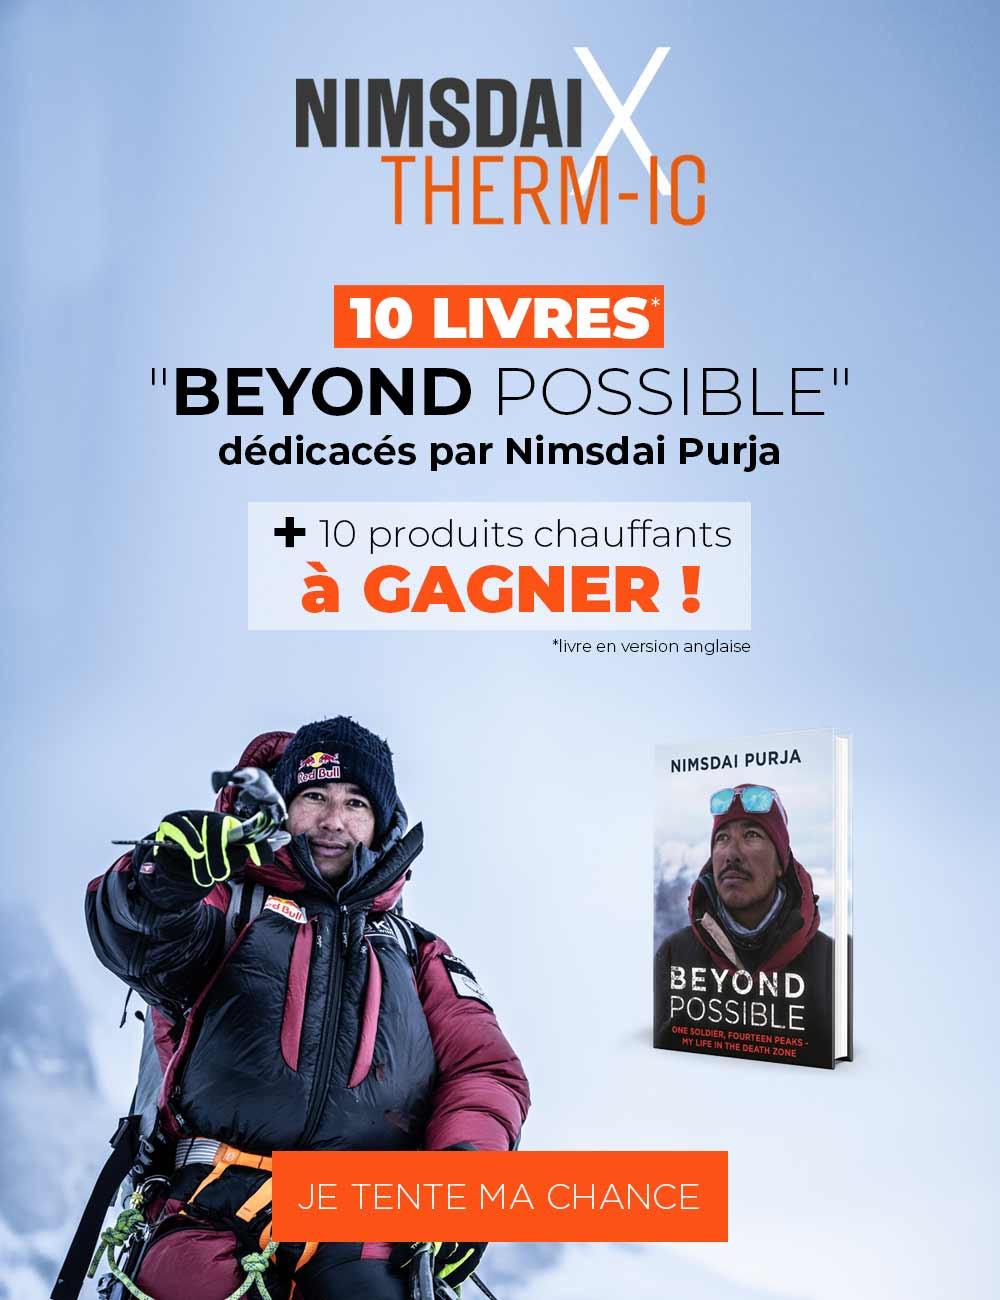 Gagnez votre livre Beyond Possible dédicacé par Nimsdai Purja et 1 produits chauffant !